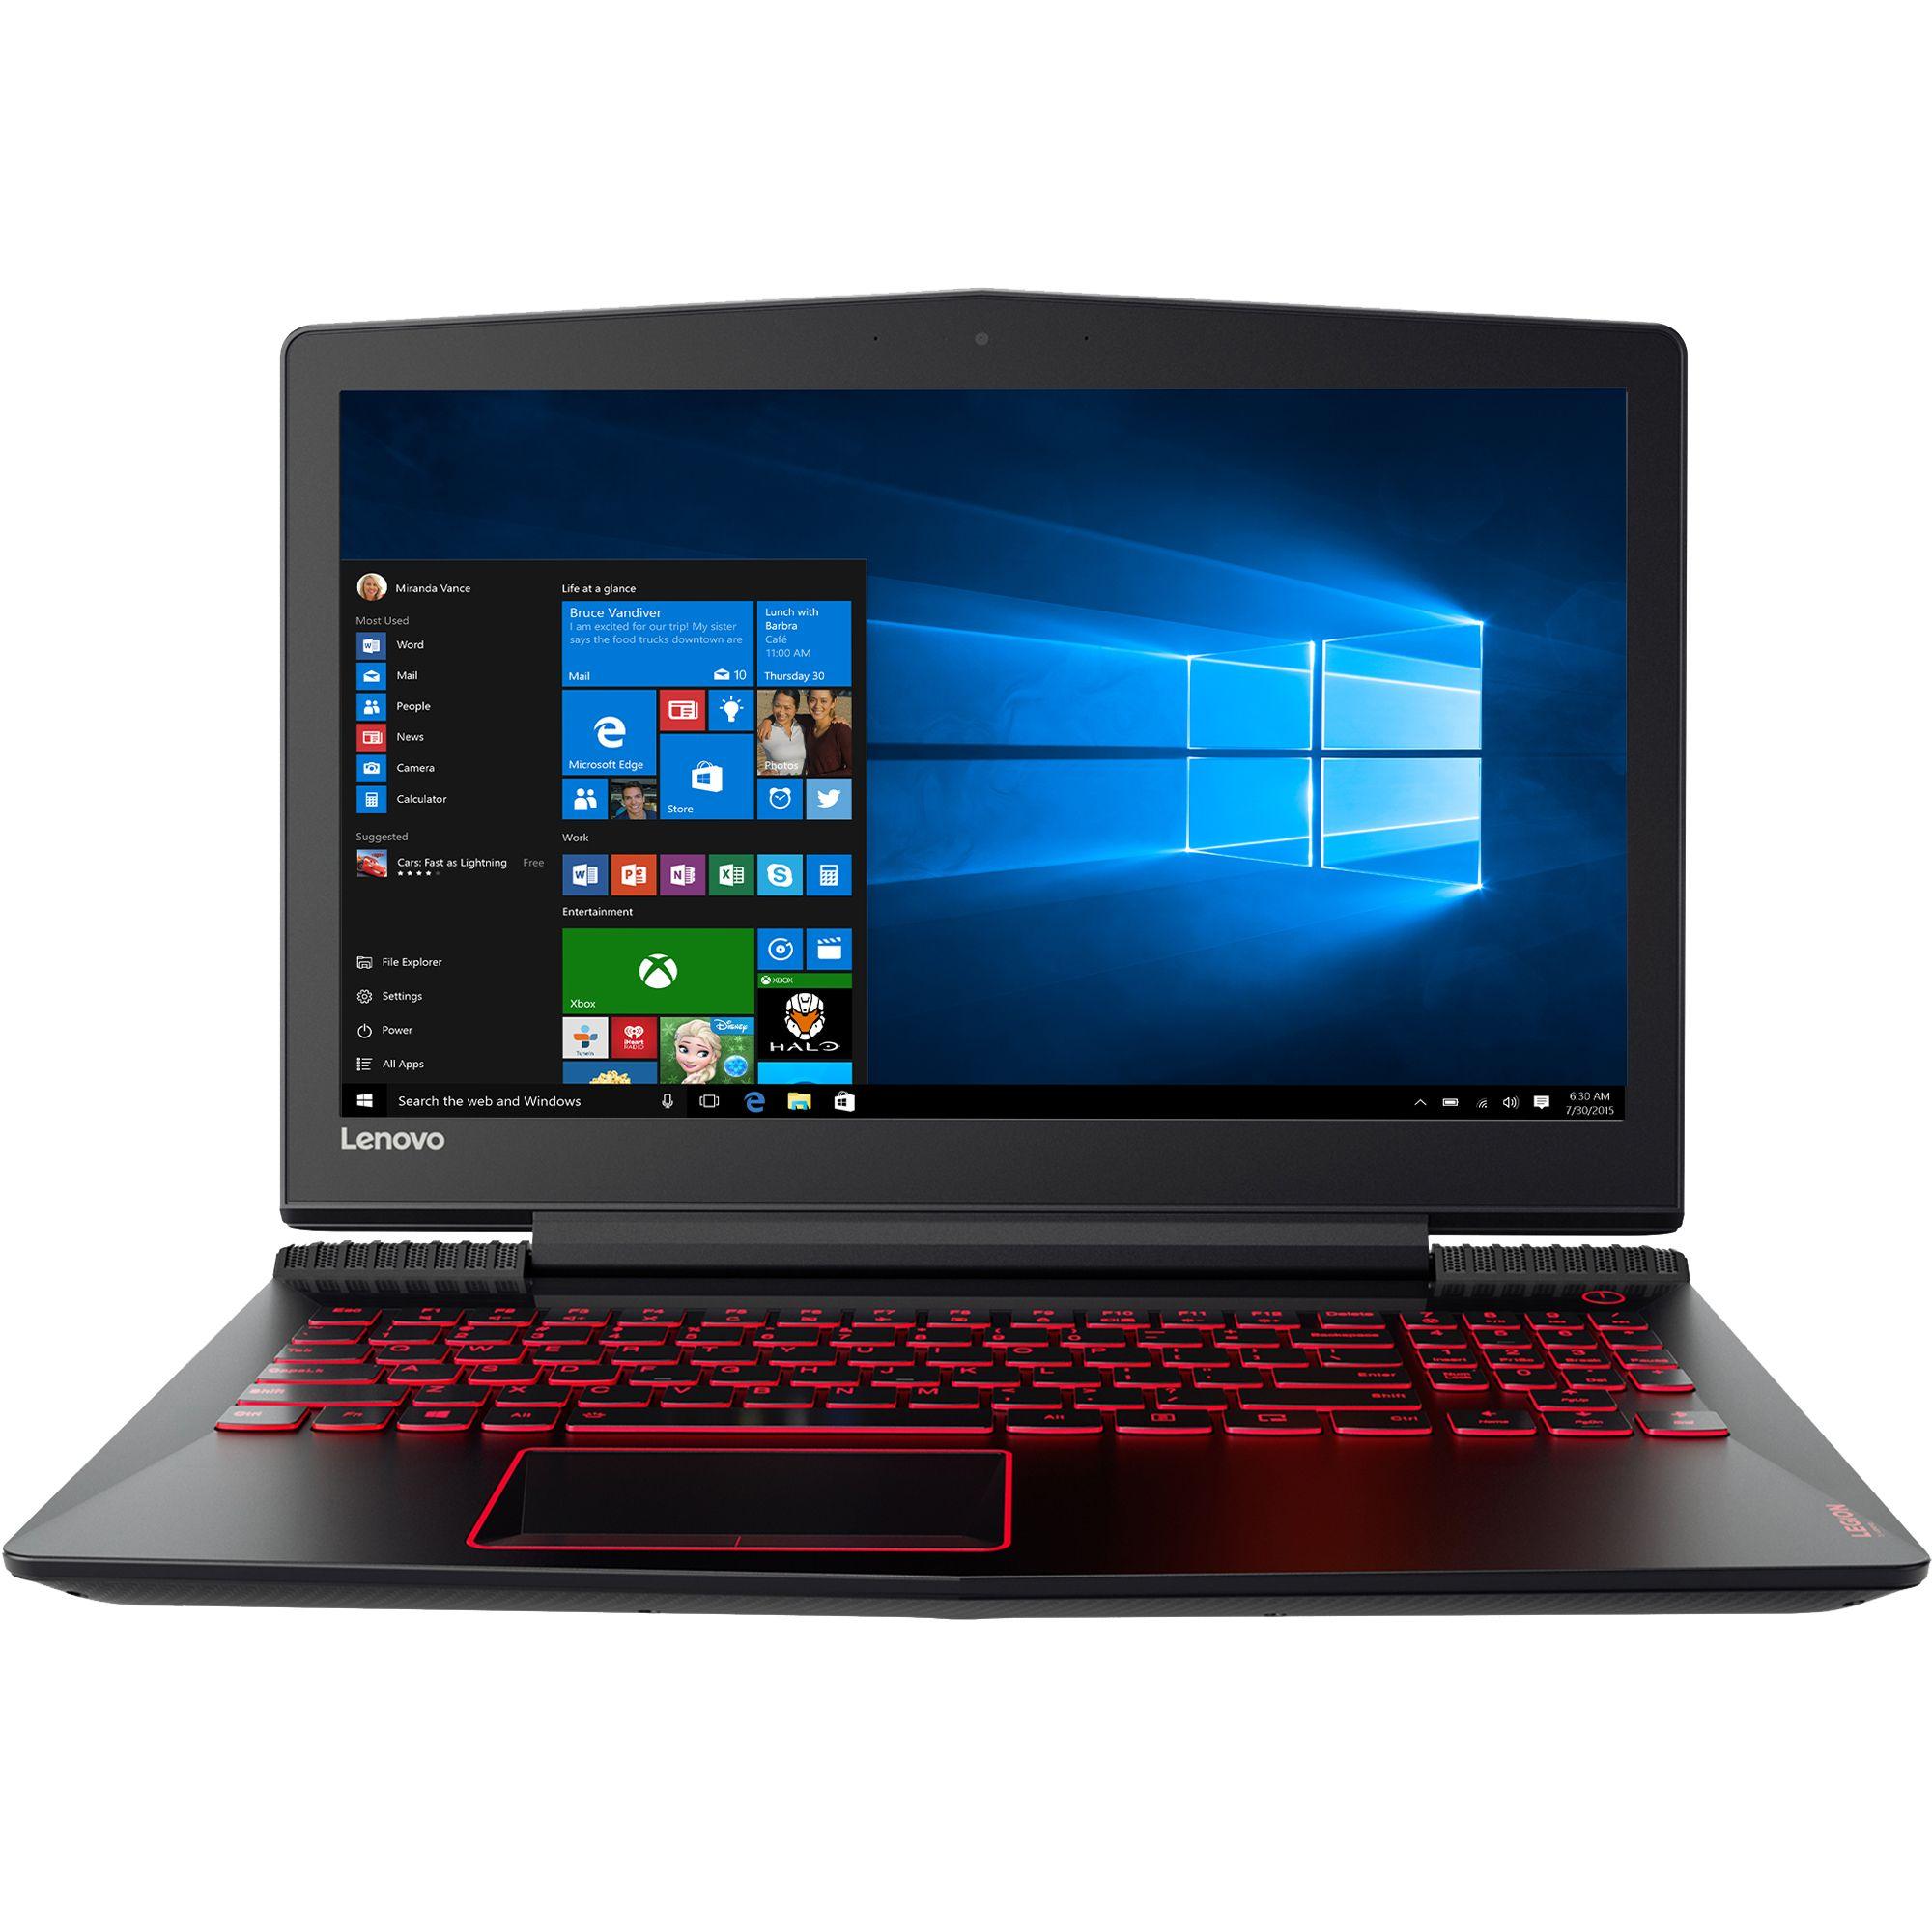 Notebook Lenovo Legion Y520 15.6 Full HD Intel Core i5-7300HQ GTX 1050 Ti-4GB RAM 8GB HDD 1TB + SSD 128GB FreeDOS